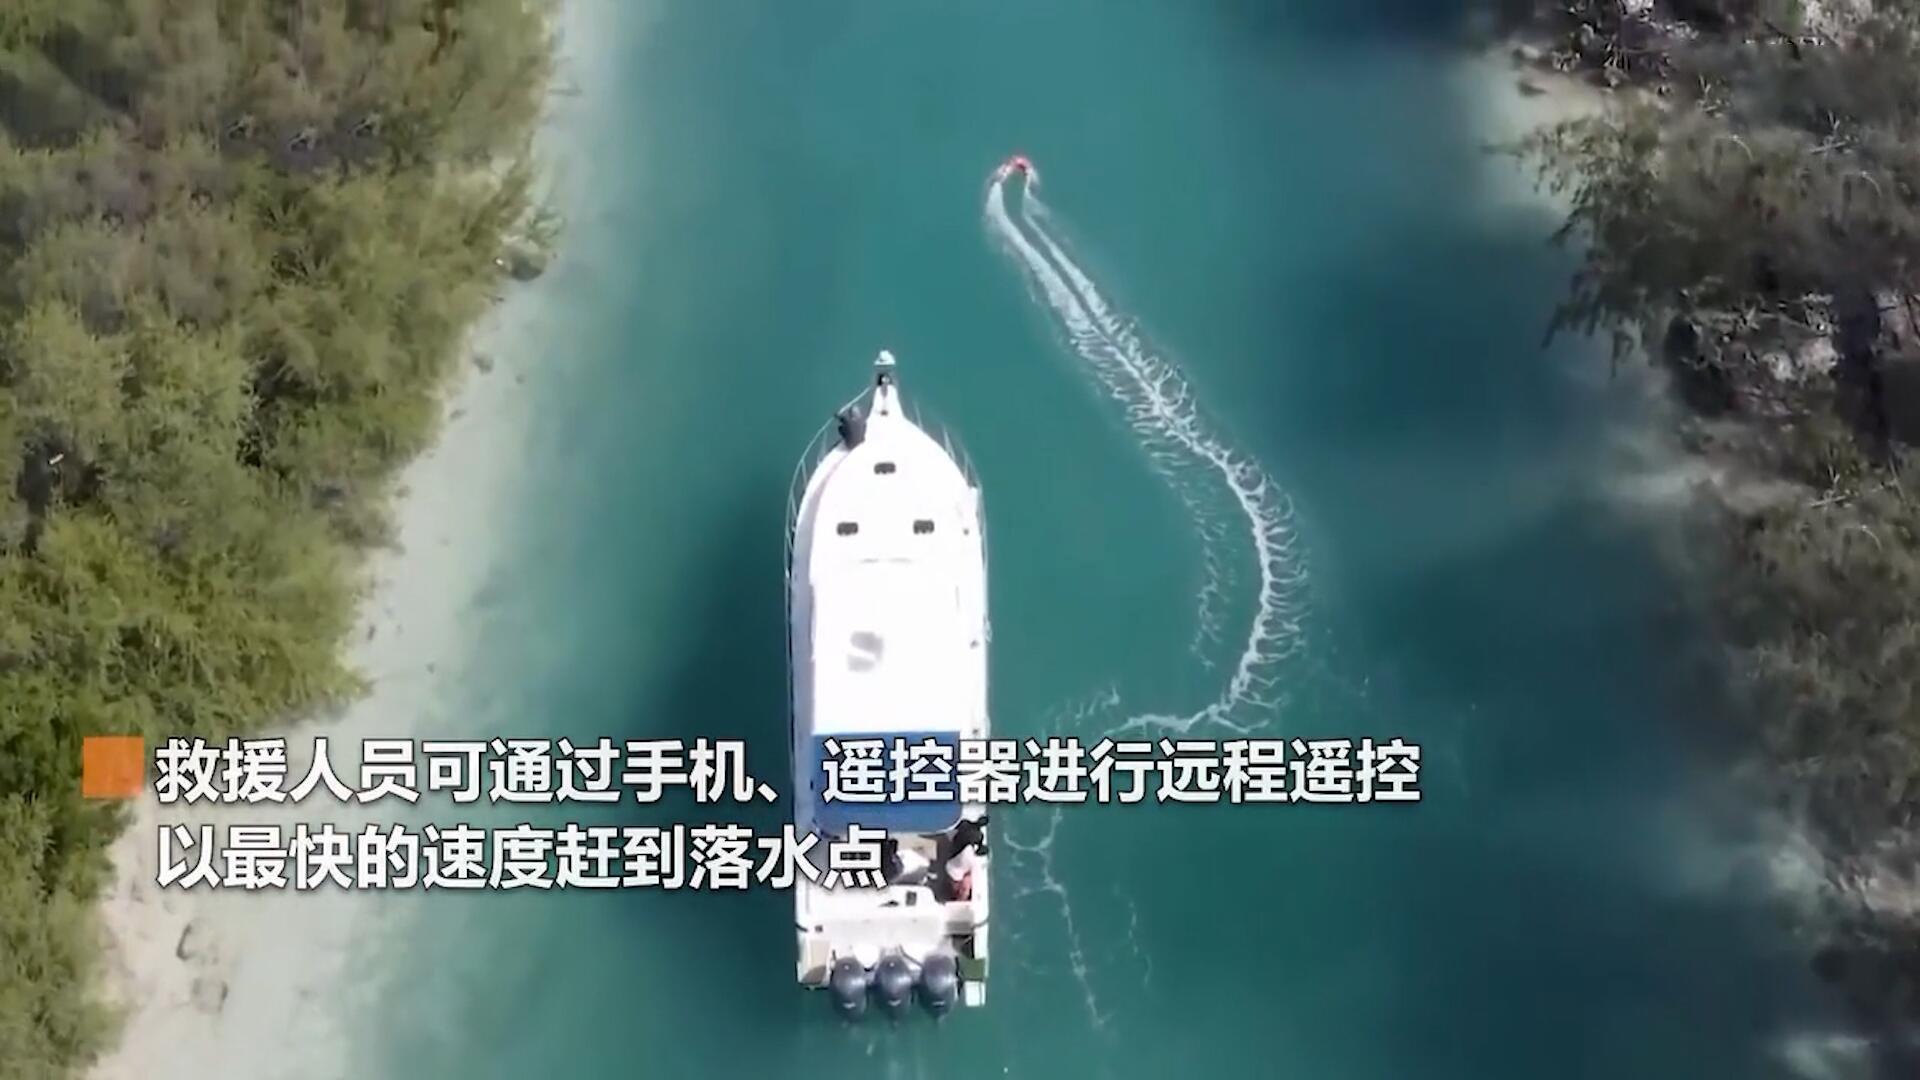 中国智能救生快艇亮相-内置导航系统,可自主将人带往安全区域!